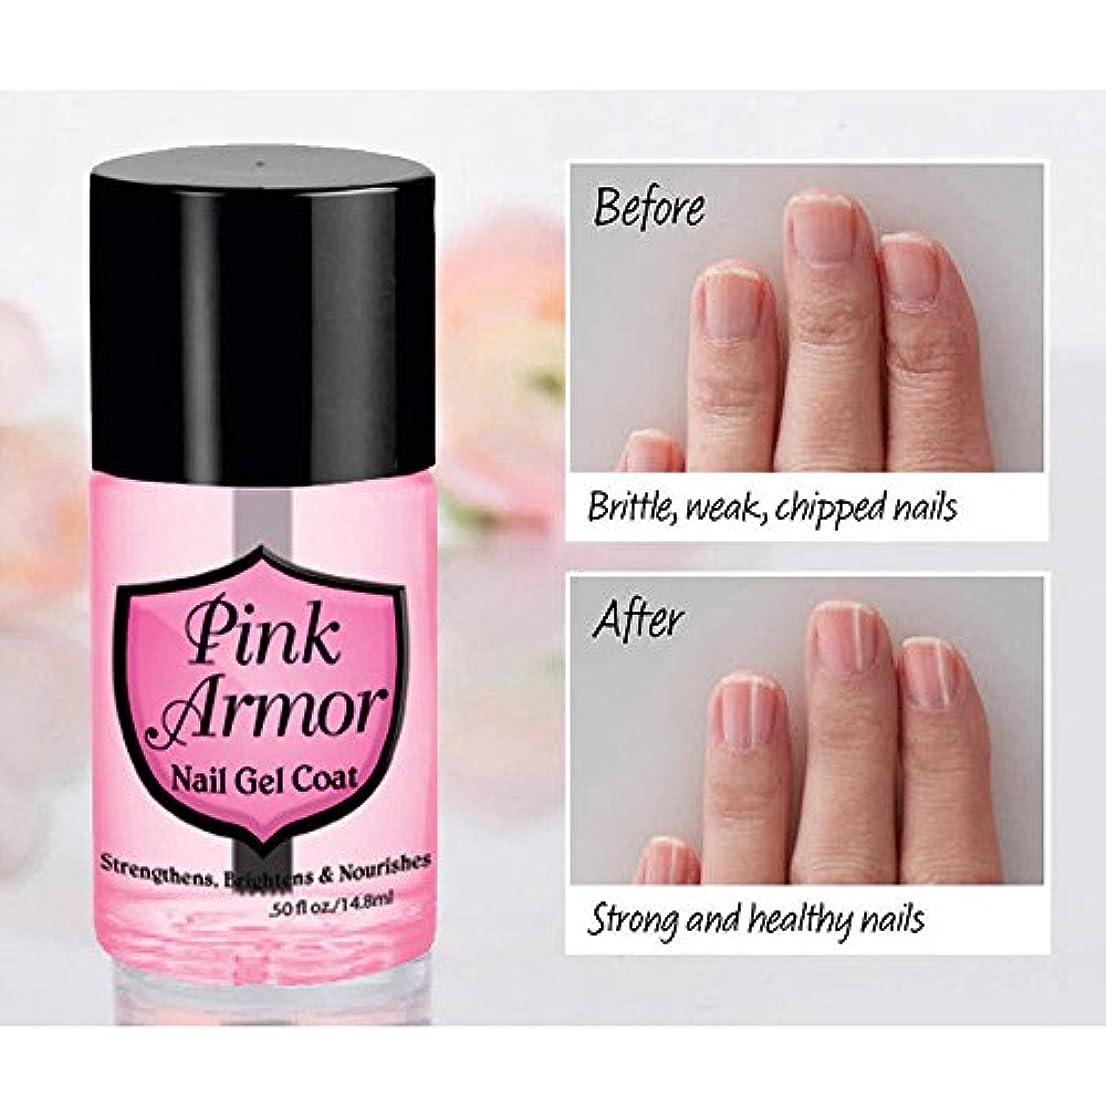 コールド写真を描くミシンSakuraBest Pink Armour Nail Nutrition Gel Base Polish Remedy Fix Layer Protective Top Coat, Keratin Gel